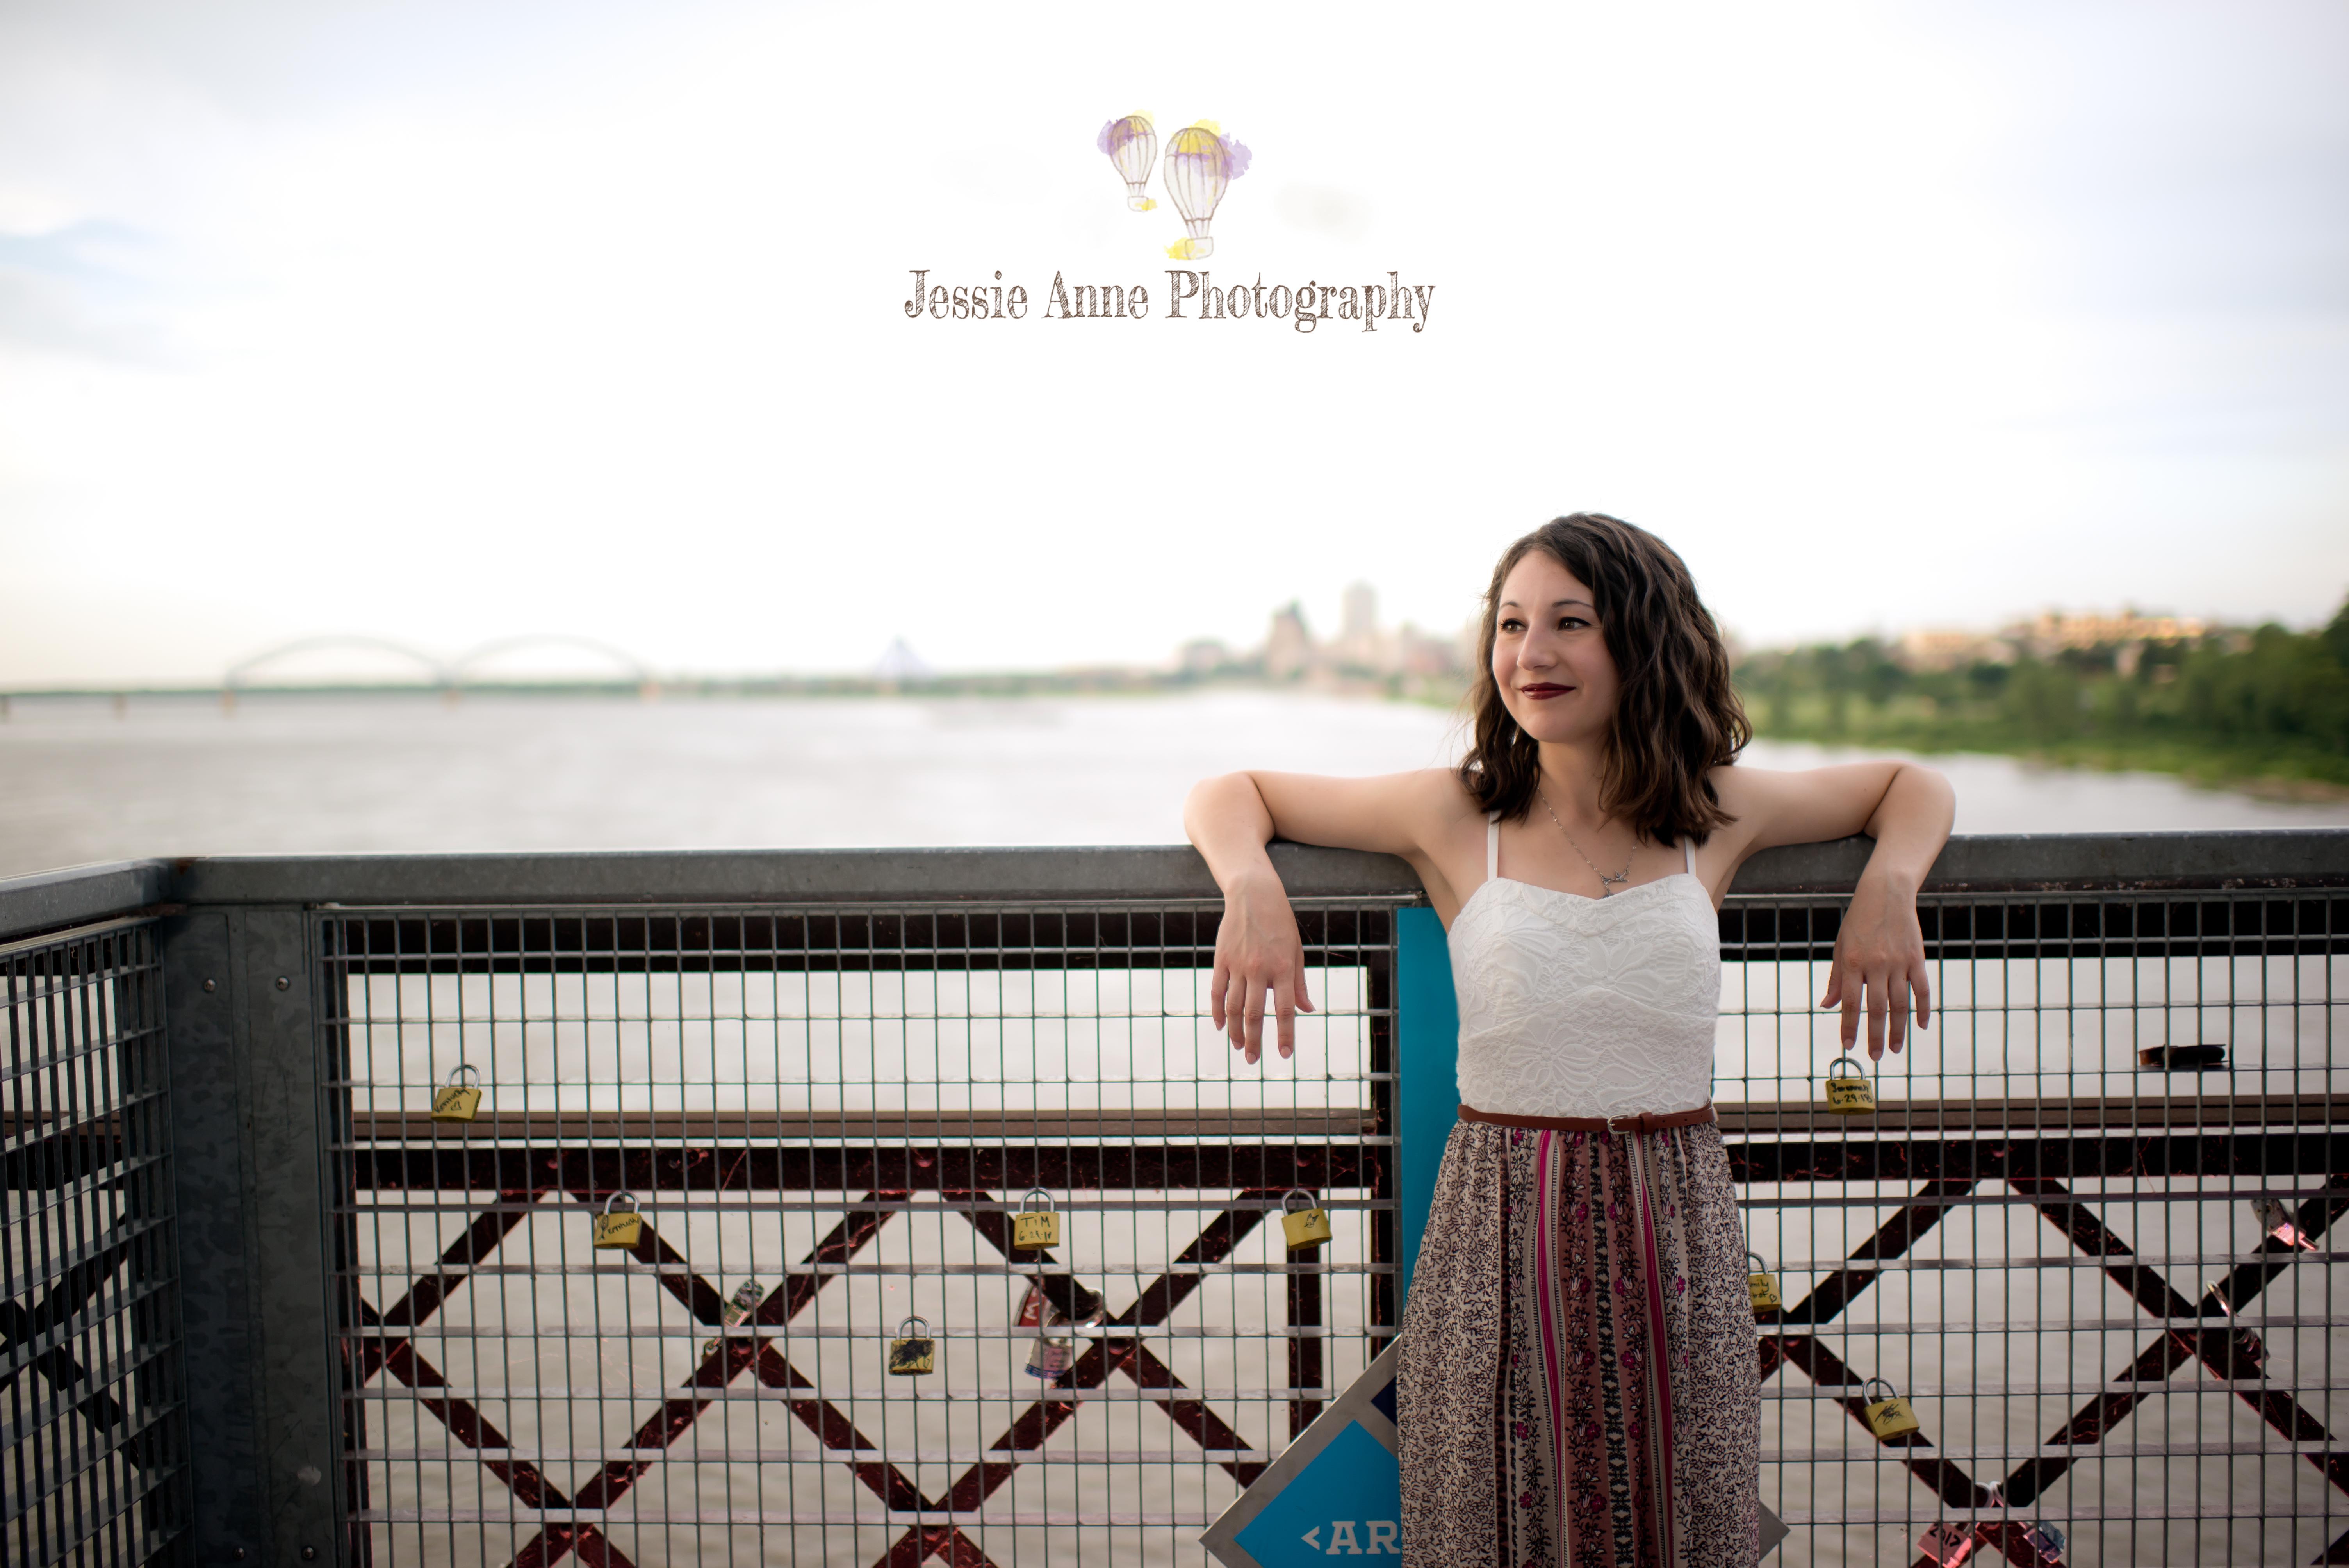 jessie anne photography